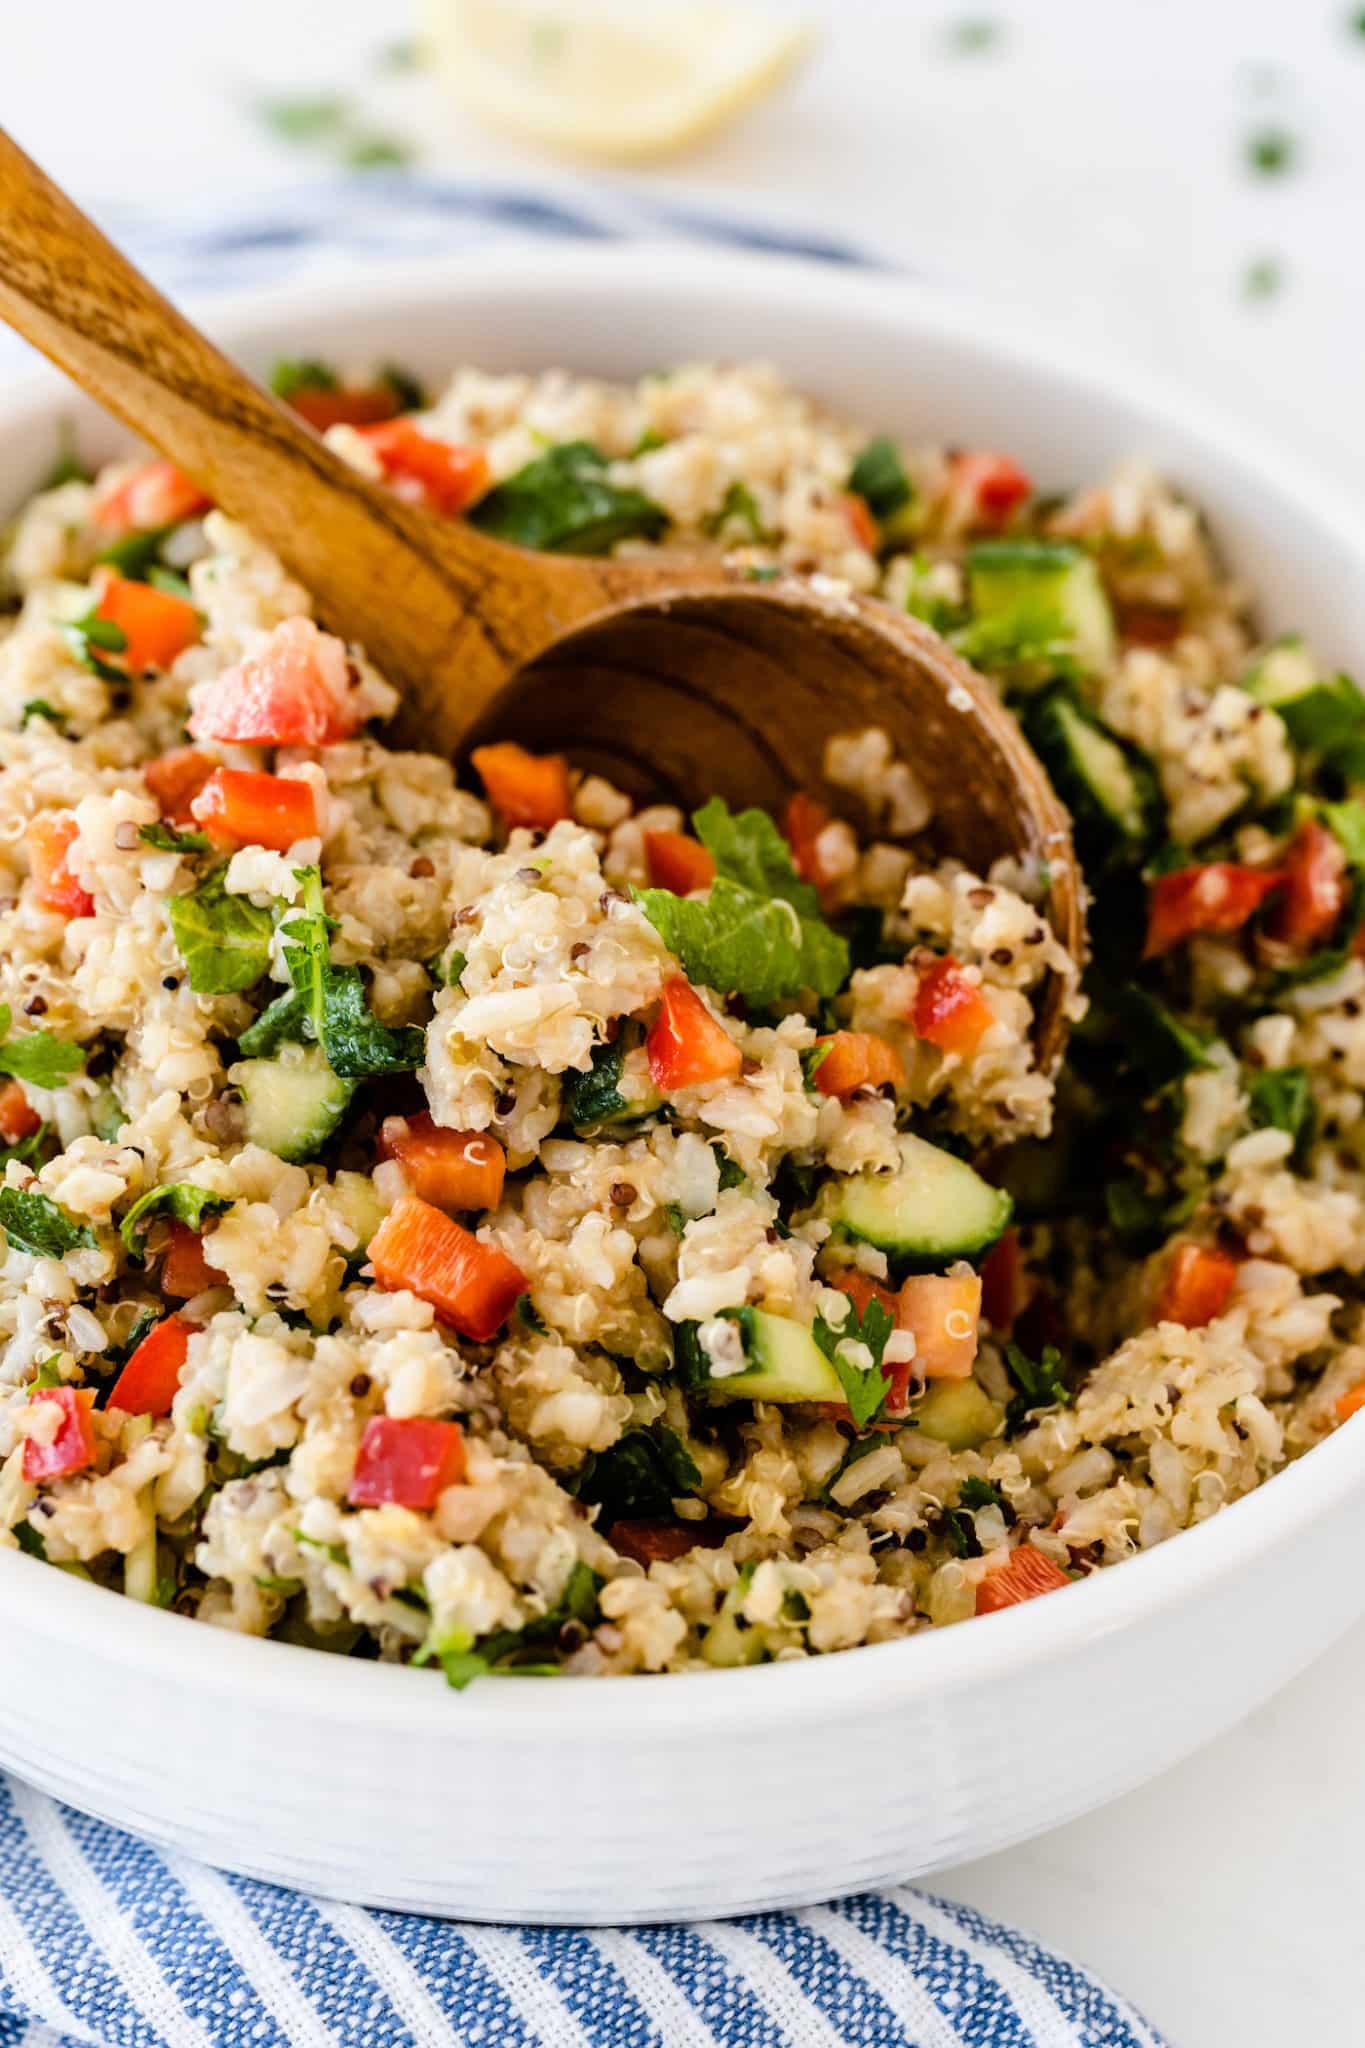 wooden spoon stirring a bowl of copycat costco quinoa salad